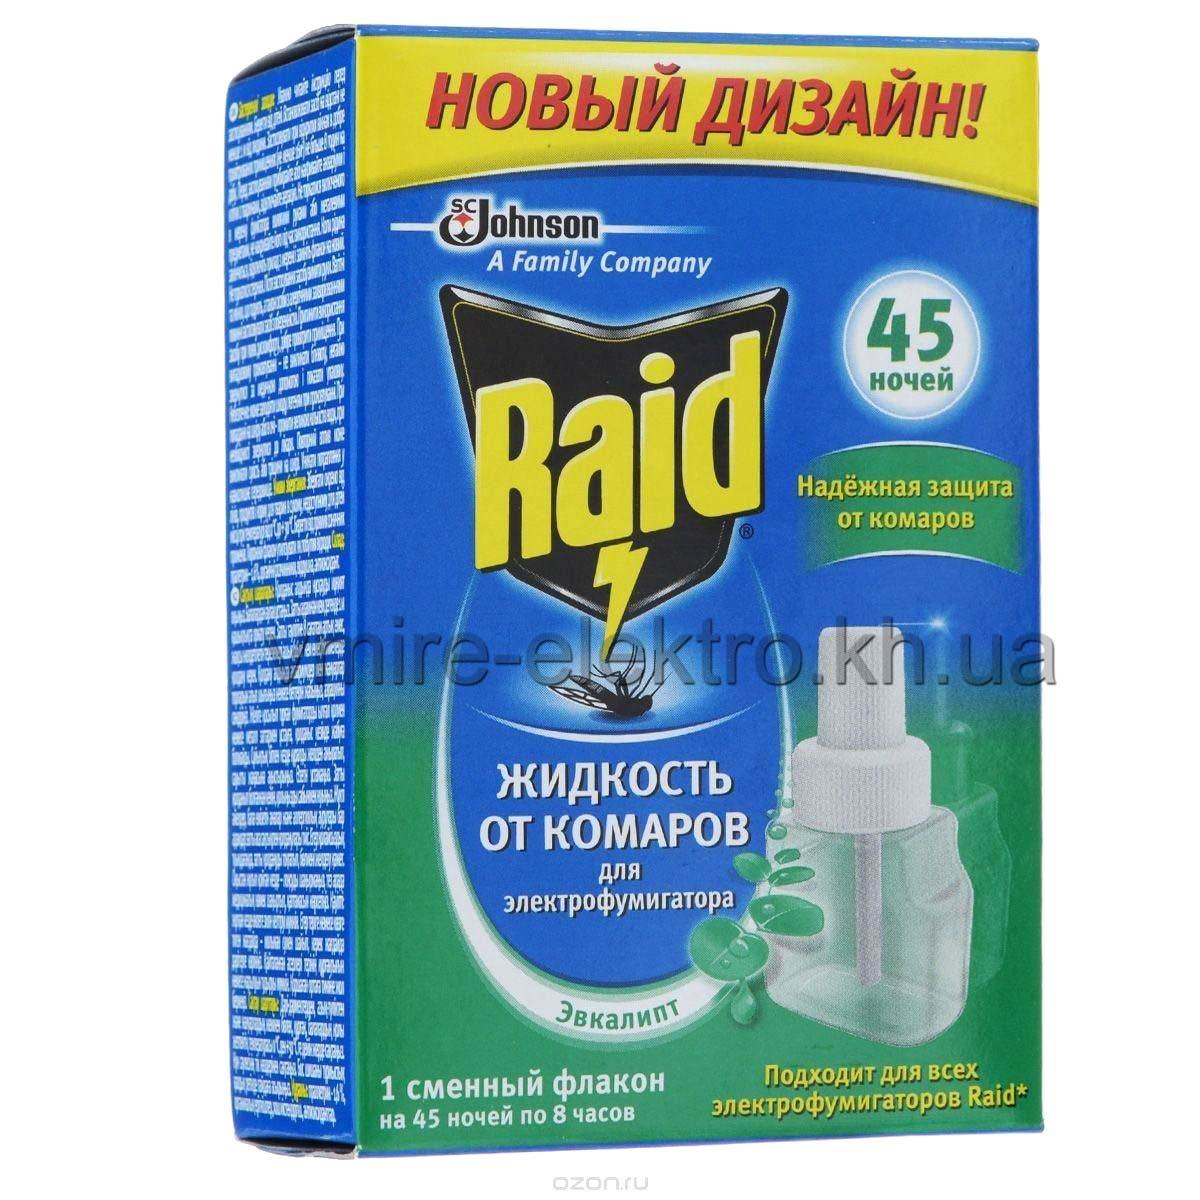 Рідина від комарів Raid з евкаліптом 45 ночей